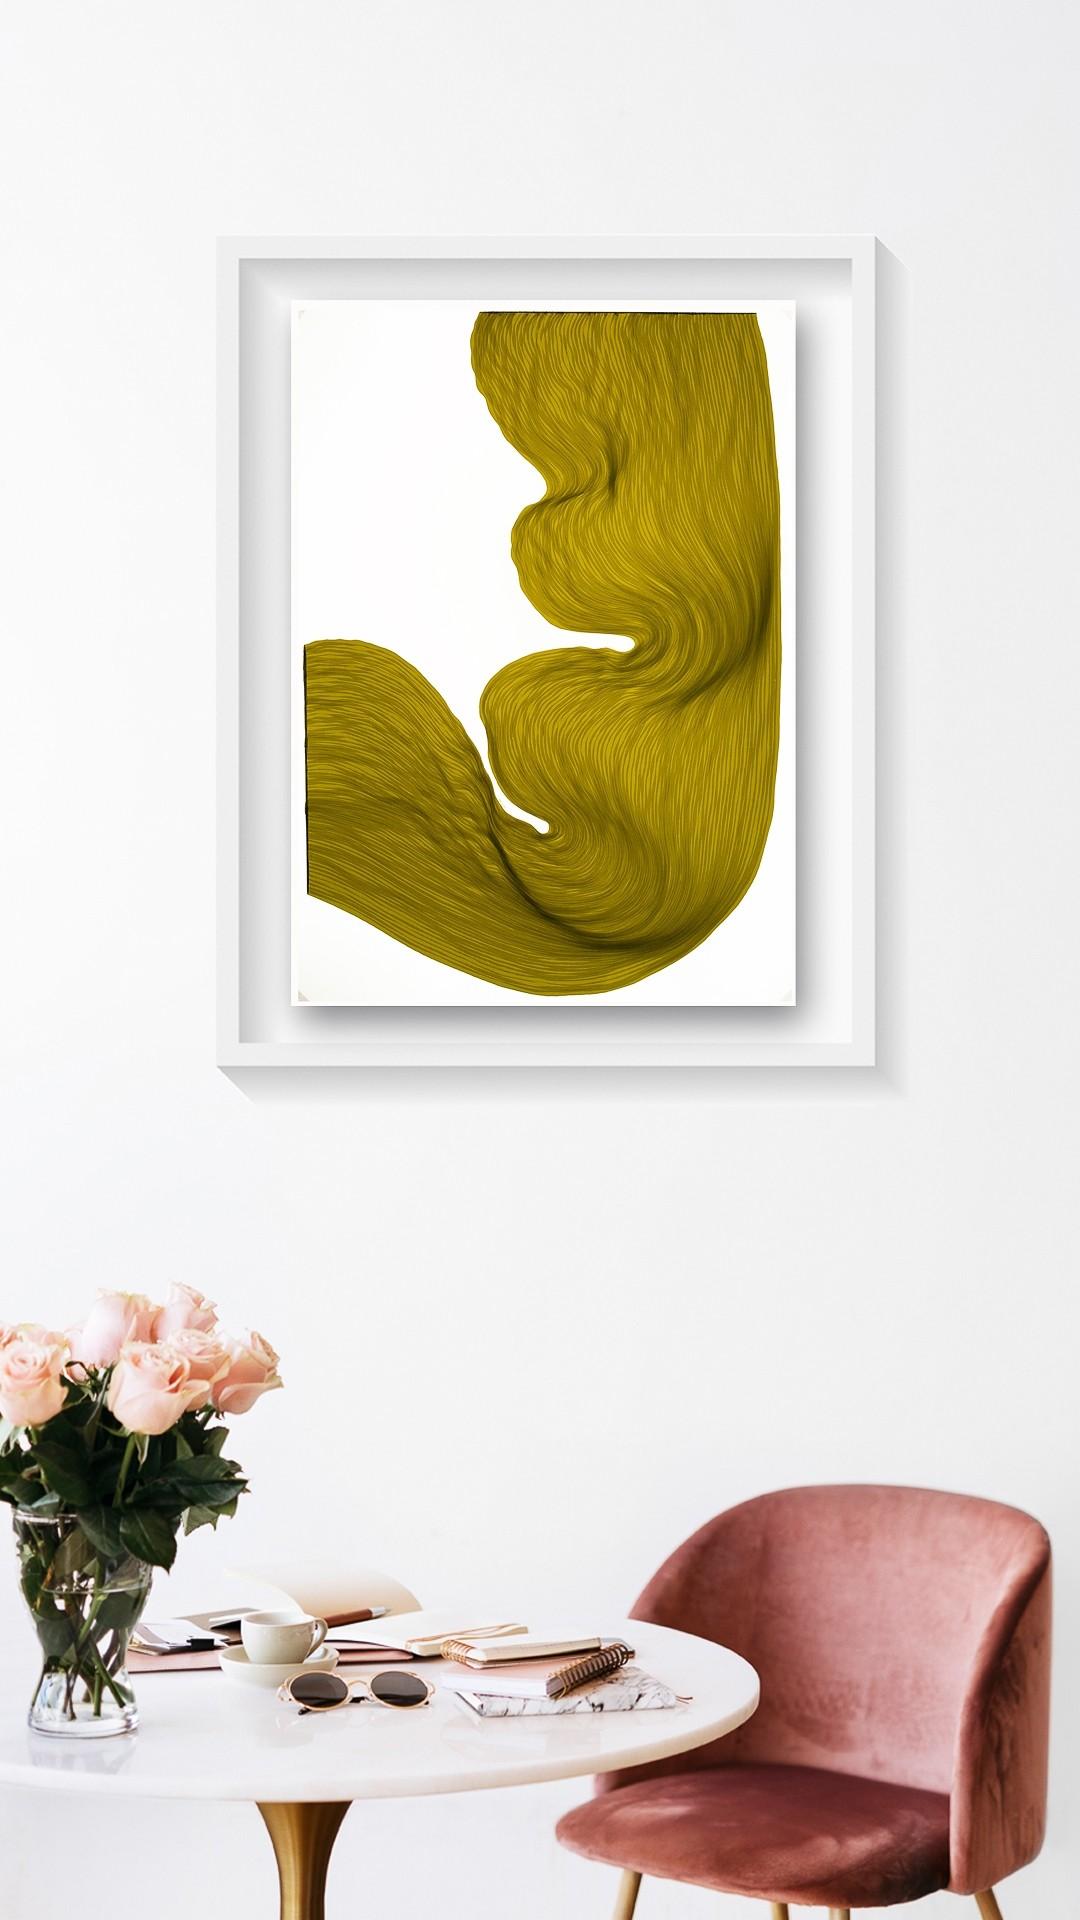 Rusty Lime | Lali Torma | Zeichnung | Kalligraphietusche auf Papier, gerahmt - 2